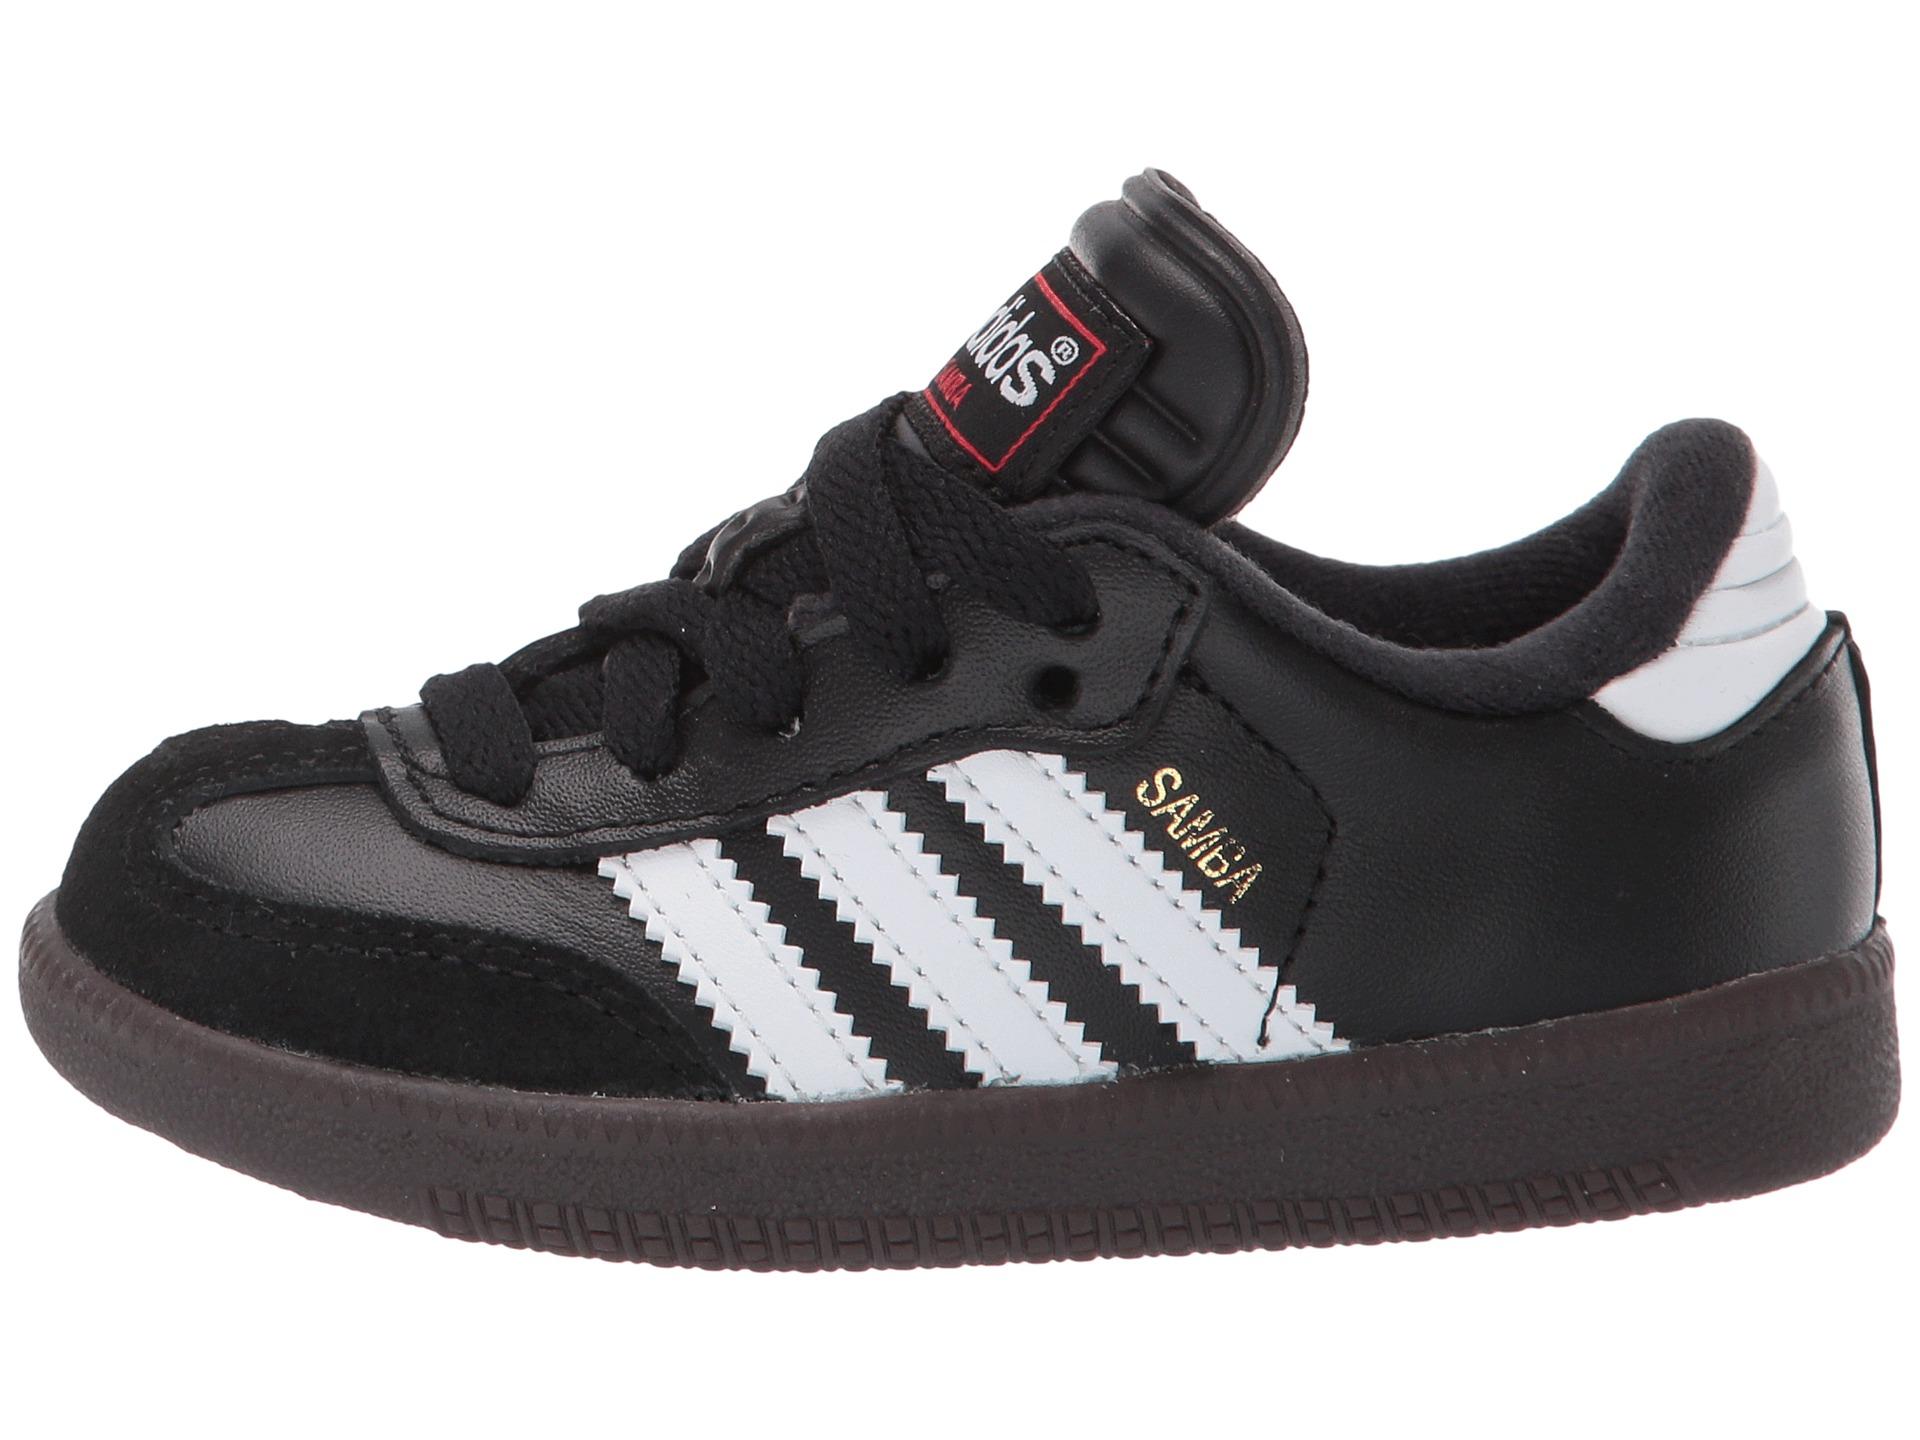 adidas samba classic kids